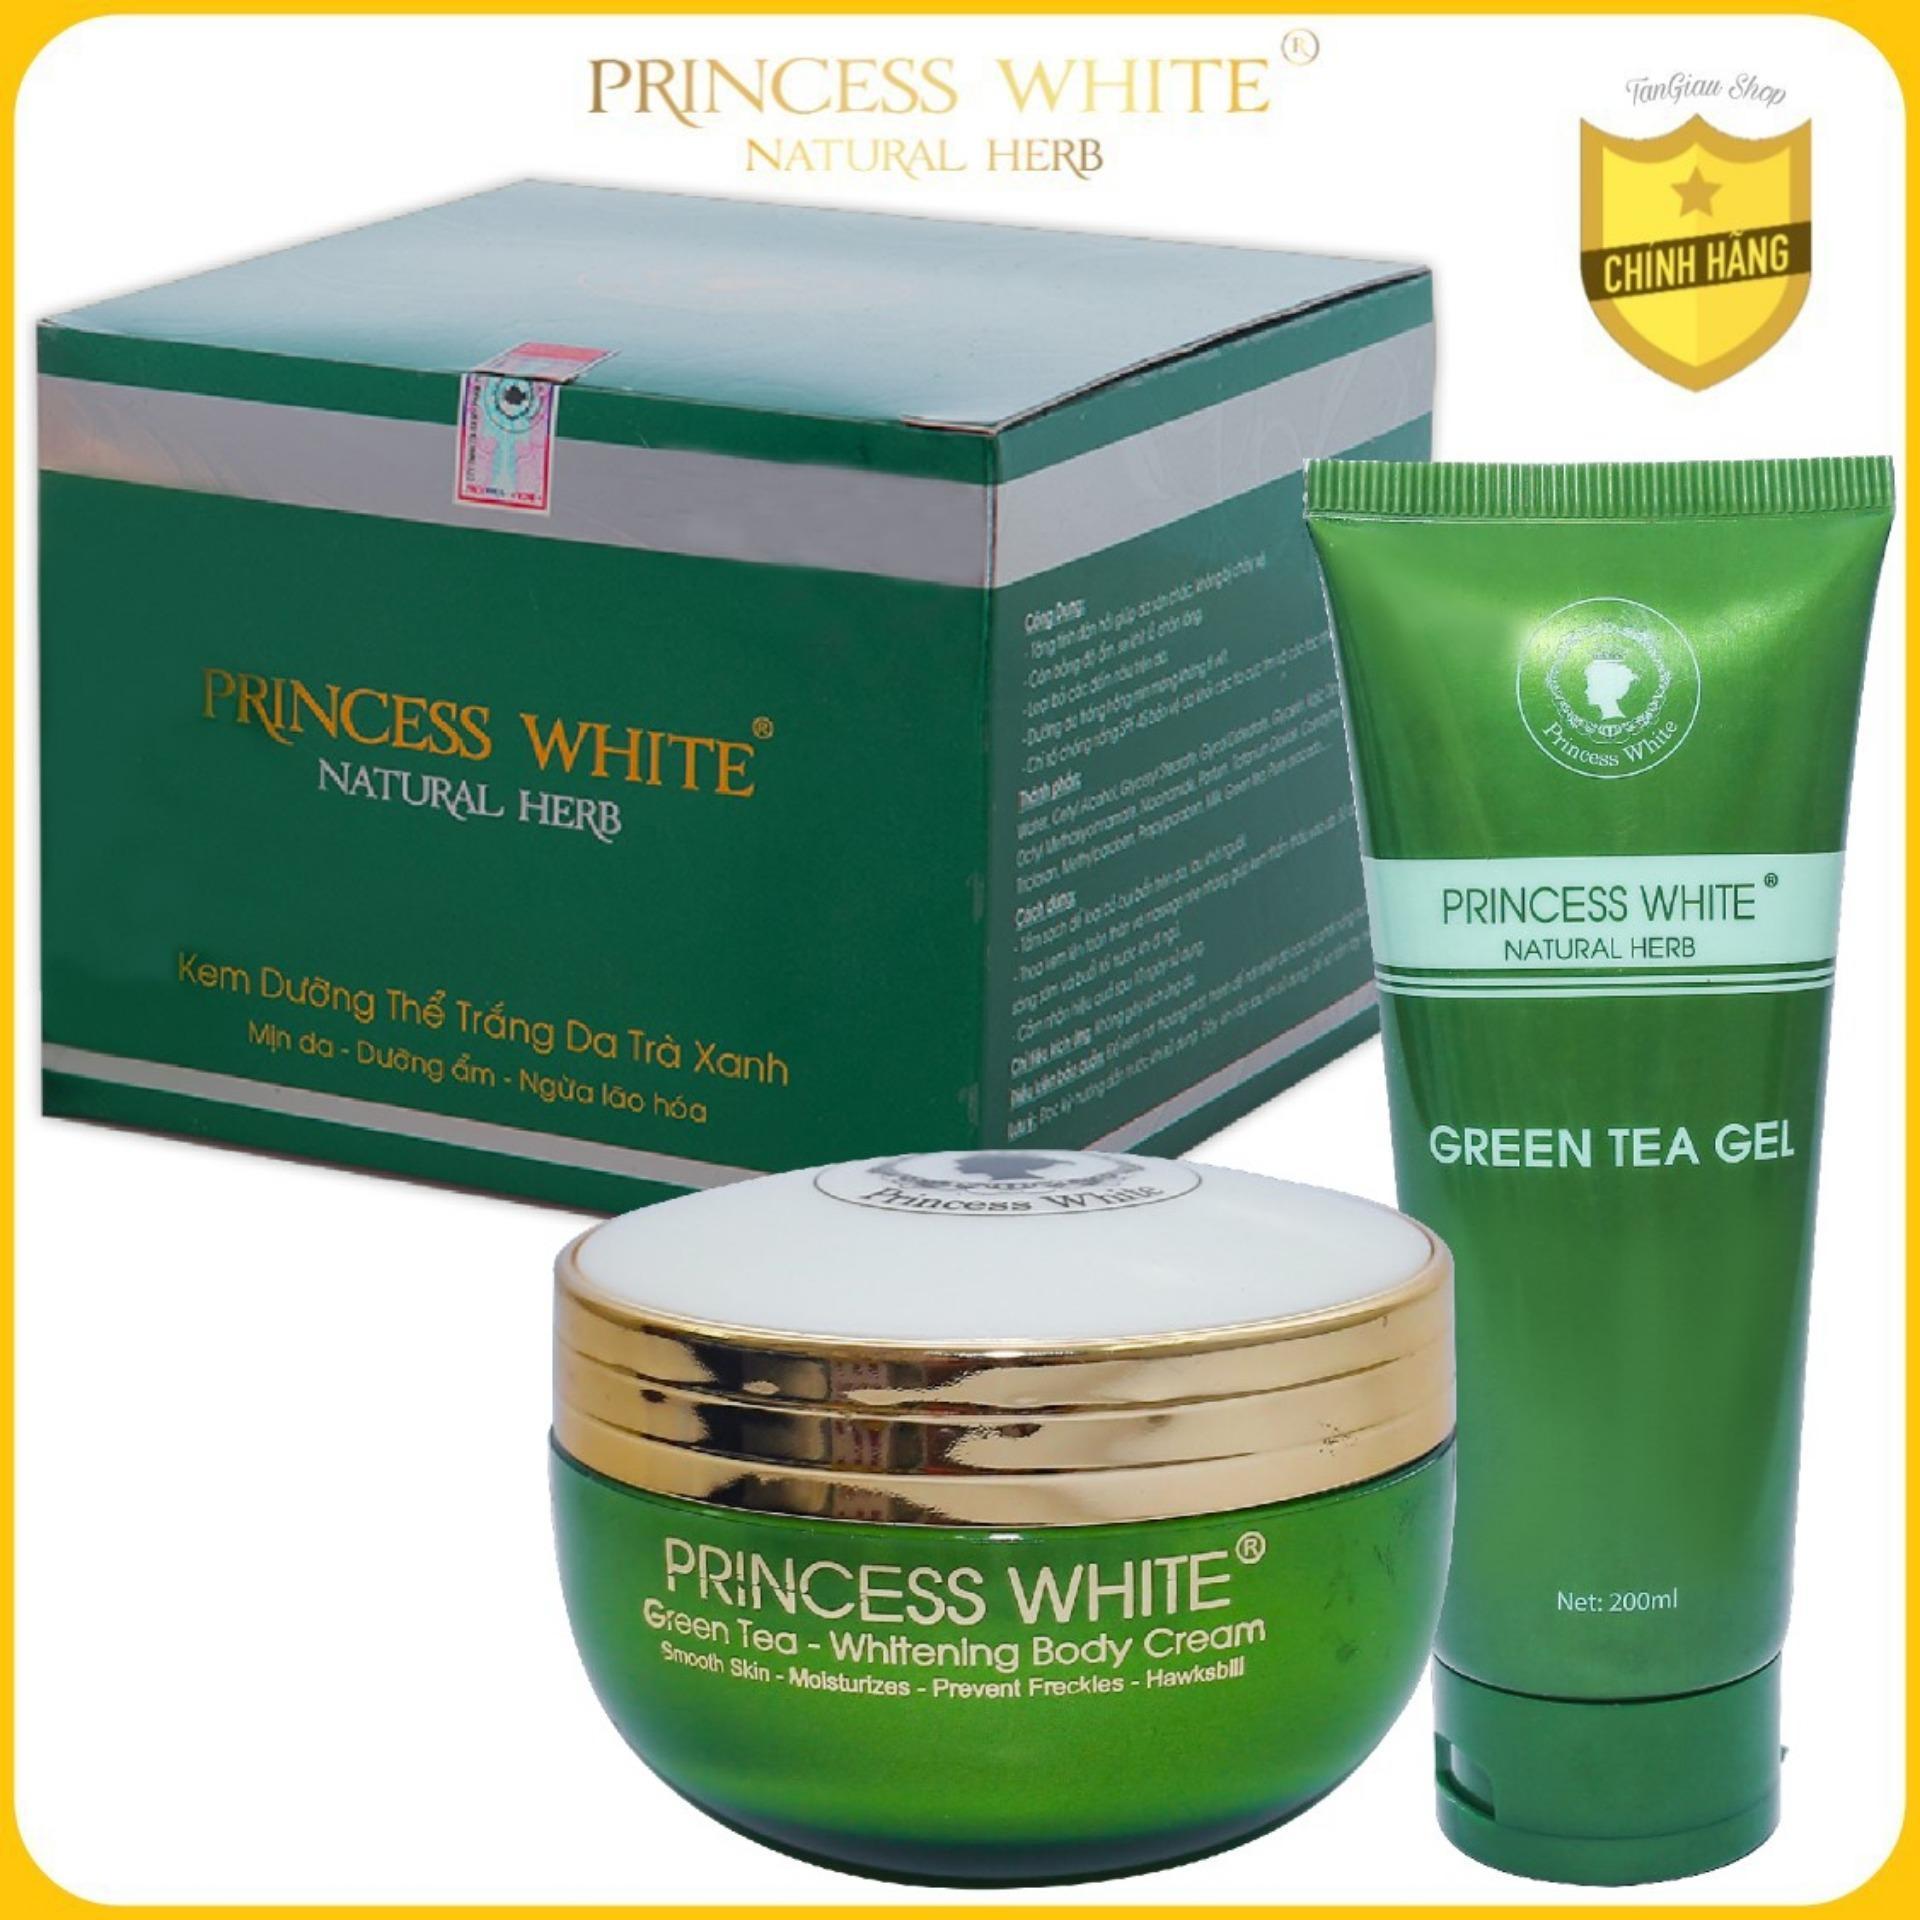 Bộ dưỡng trắng Body Trà Xanh Green Tea Princess White - Bí quyết dưỡng da trắng hồng, mịn mướt, căng tràn sức sống/200G nhập khẩu